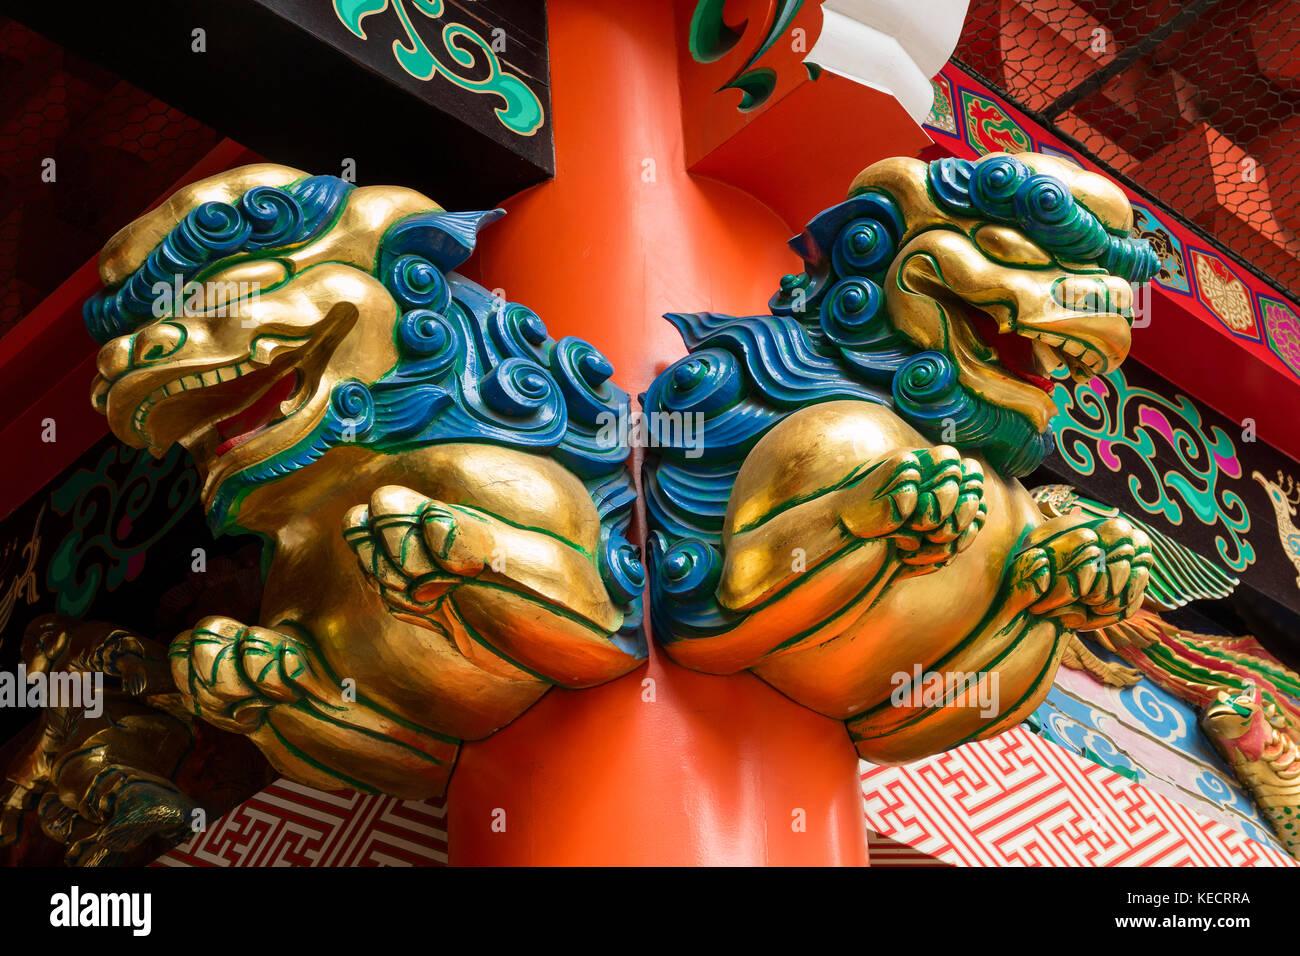 Tokyo, Japon - 14 mai 2017: les lions gardien en bois coloré comme décoration pour garder le temple Photo Stock